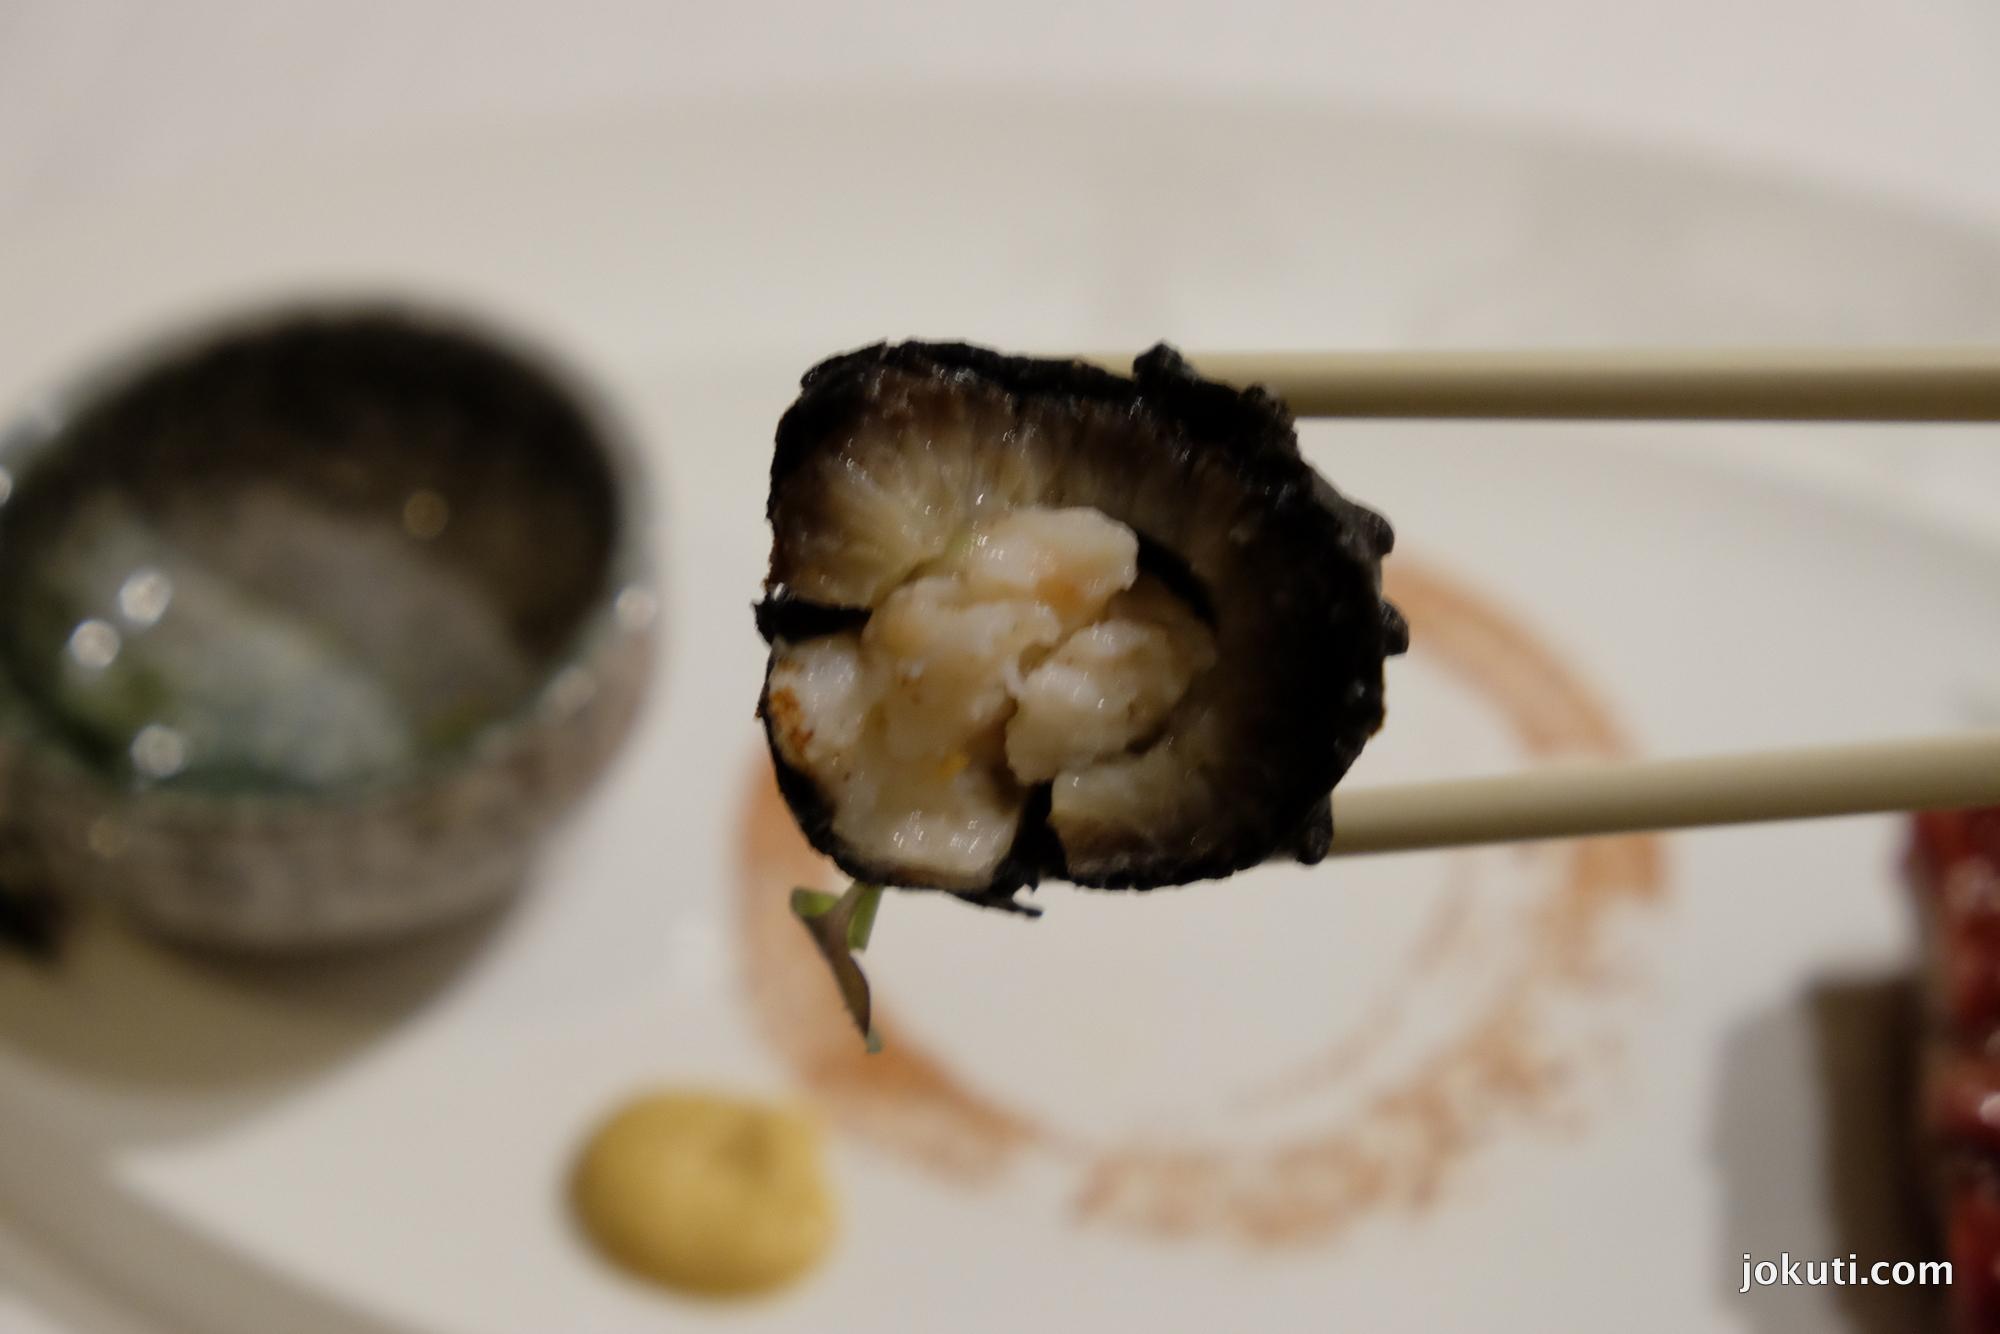 dscf6835_jade_dragon_restaurant_cantonese_chinese_michelin_macau_makao_china_kinai_vilagevo_jokuti.jpg